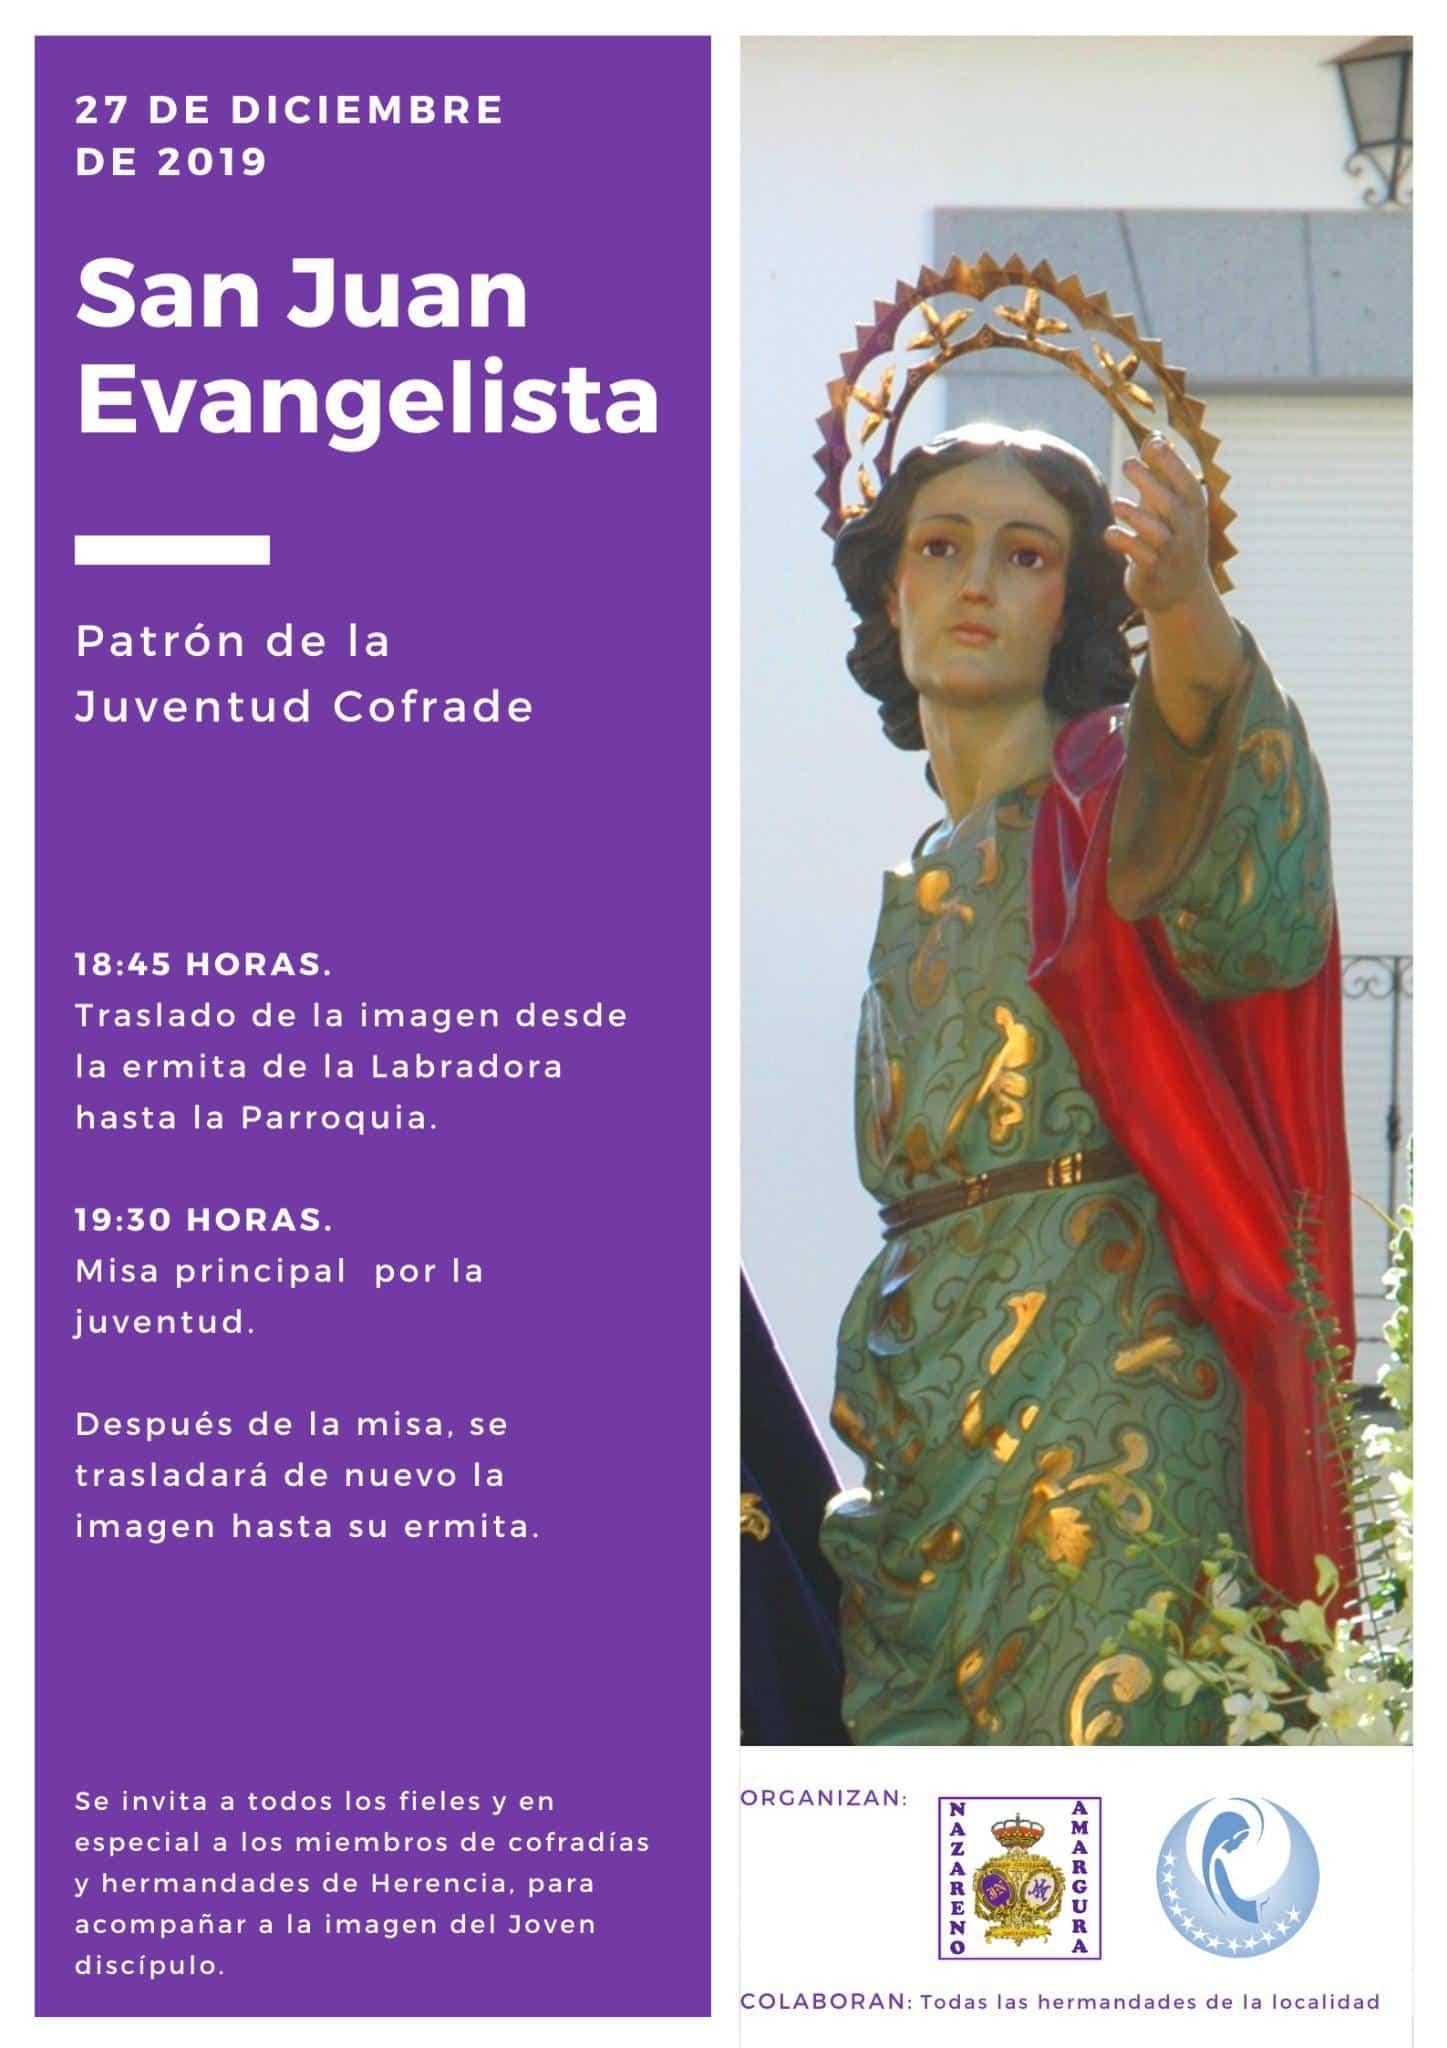 festividad de san juan evangelista en Herencia - Traslado extraordinario de la imagen de San Juan Evangelista